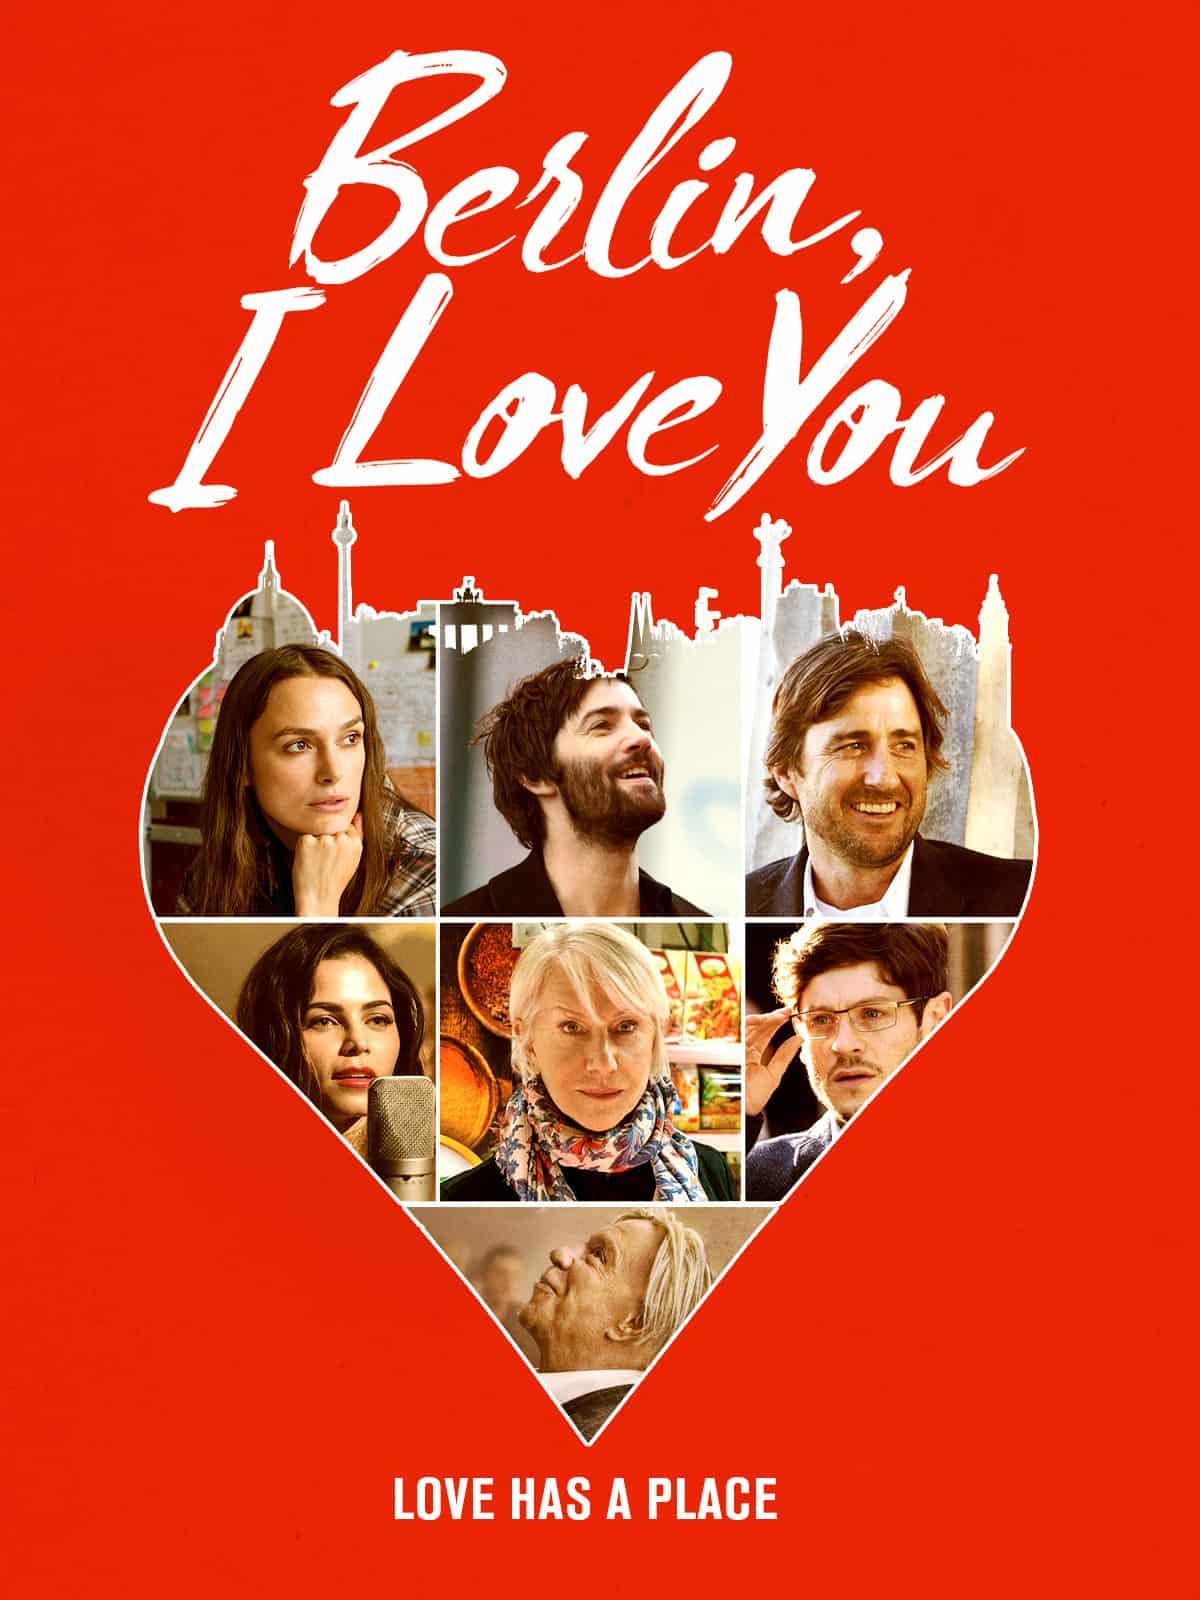 ดูหนัง Berlin, I Love You เบอร์ลิน, ไอ เลิฟ ยู ดูหนังออนไลน์ฟรี ดูหนังฟรี HD ชัด ดูหนังใหม่ชนโรง หนังใหม่ล่าสุด เต็มเรื่อง มาสเตอร์ พากย์ไทย ซาวด์แทร็ก ซับไทย หนังซูม หนังแอคชั่น หนังผจญภัย หนังแอนนิเมชั่น หนัง HD ได้ที่ movie24x.com